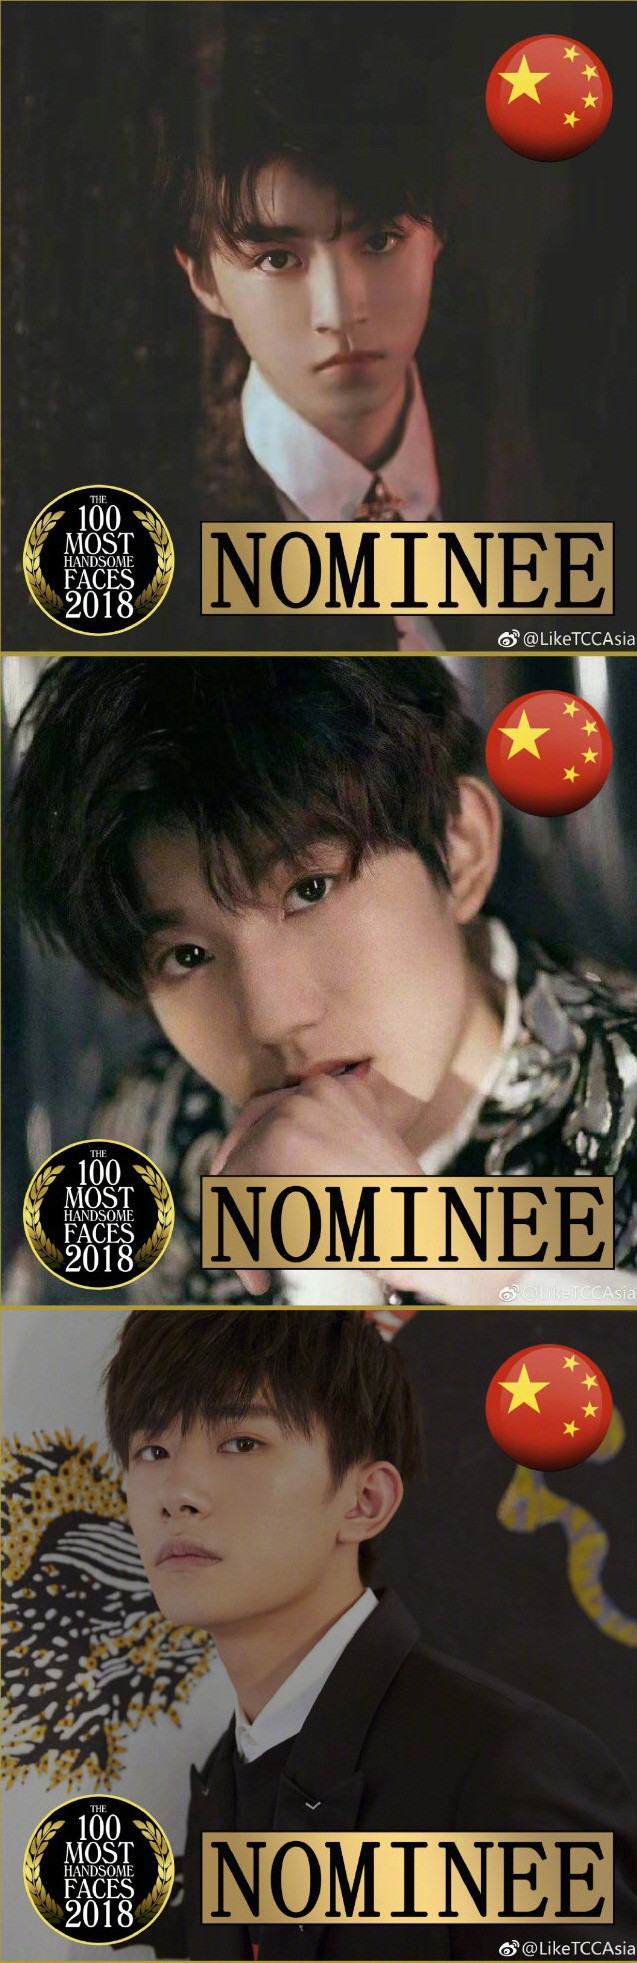 Đề cử top 100 gương mặt đẹp trai nhất châu Á: Nhân vật gây sốc nhất lại không thuộc showbiz Hoa ngữ - Ảnh 7.